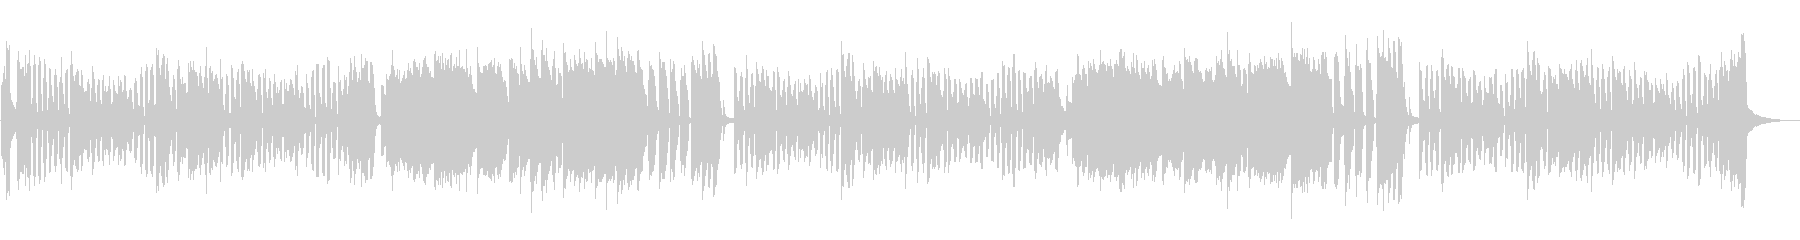 リコーダーによる、かわいくて元気な曲の未再生の波形